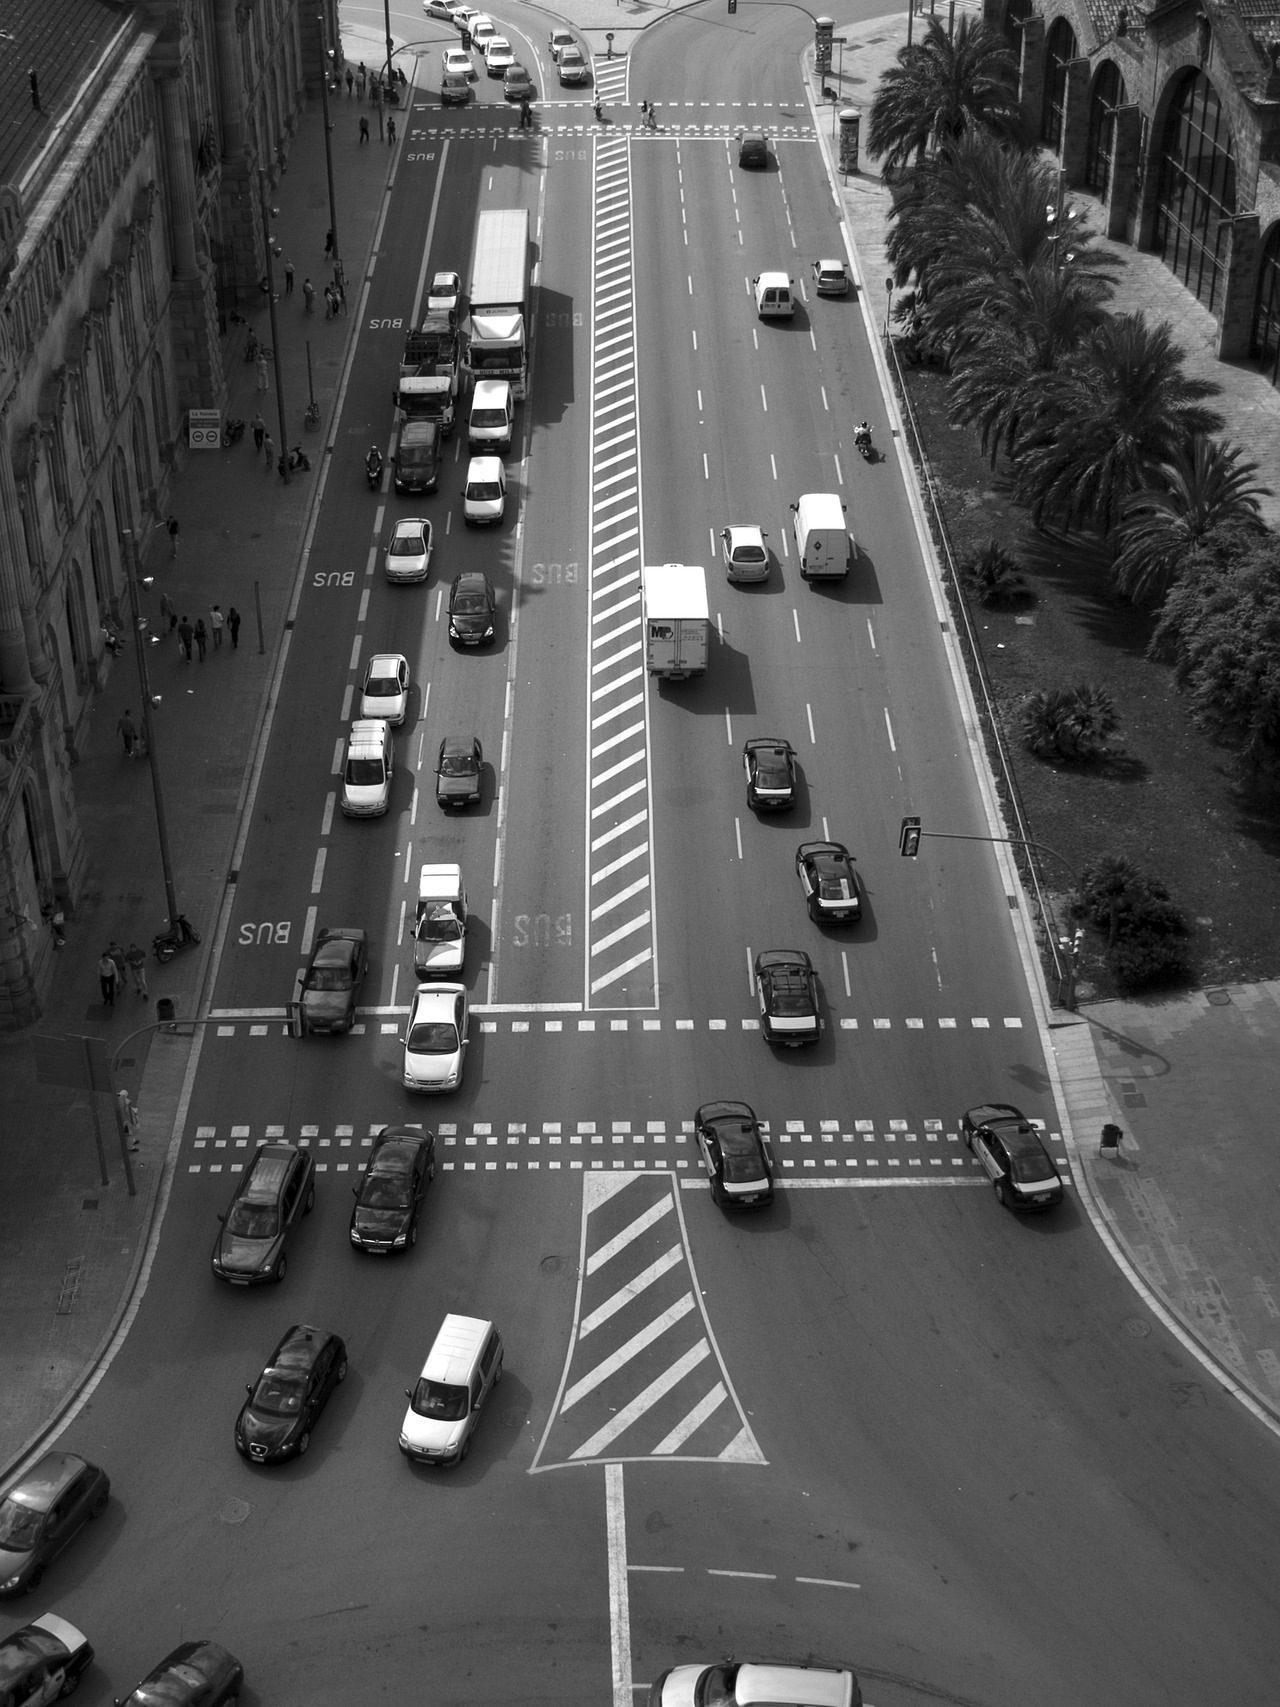 交通, 城市, 汽车, 巴塞罗那, 在黑色和白色 - 高清壁纸 - 教授-falken.com